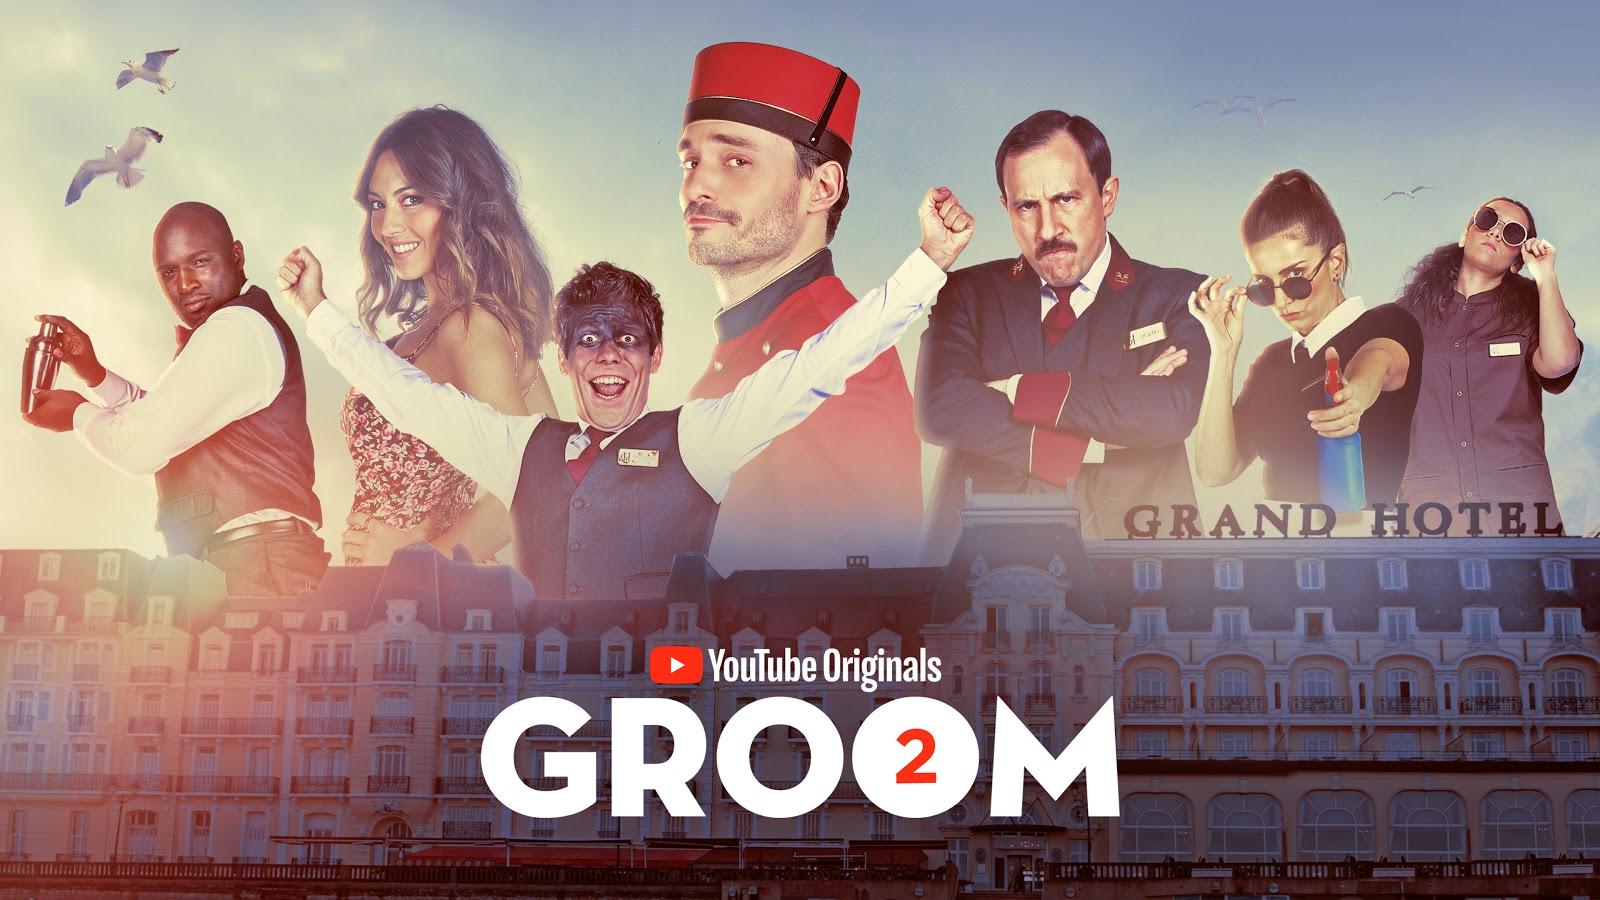 YouTube Originals annonce la sortie de la 2e saison de Groom